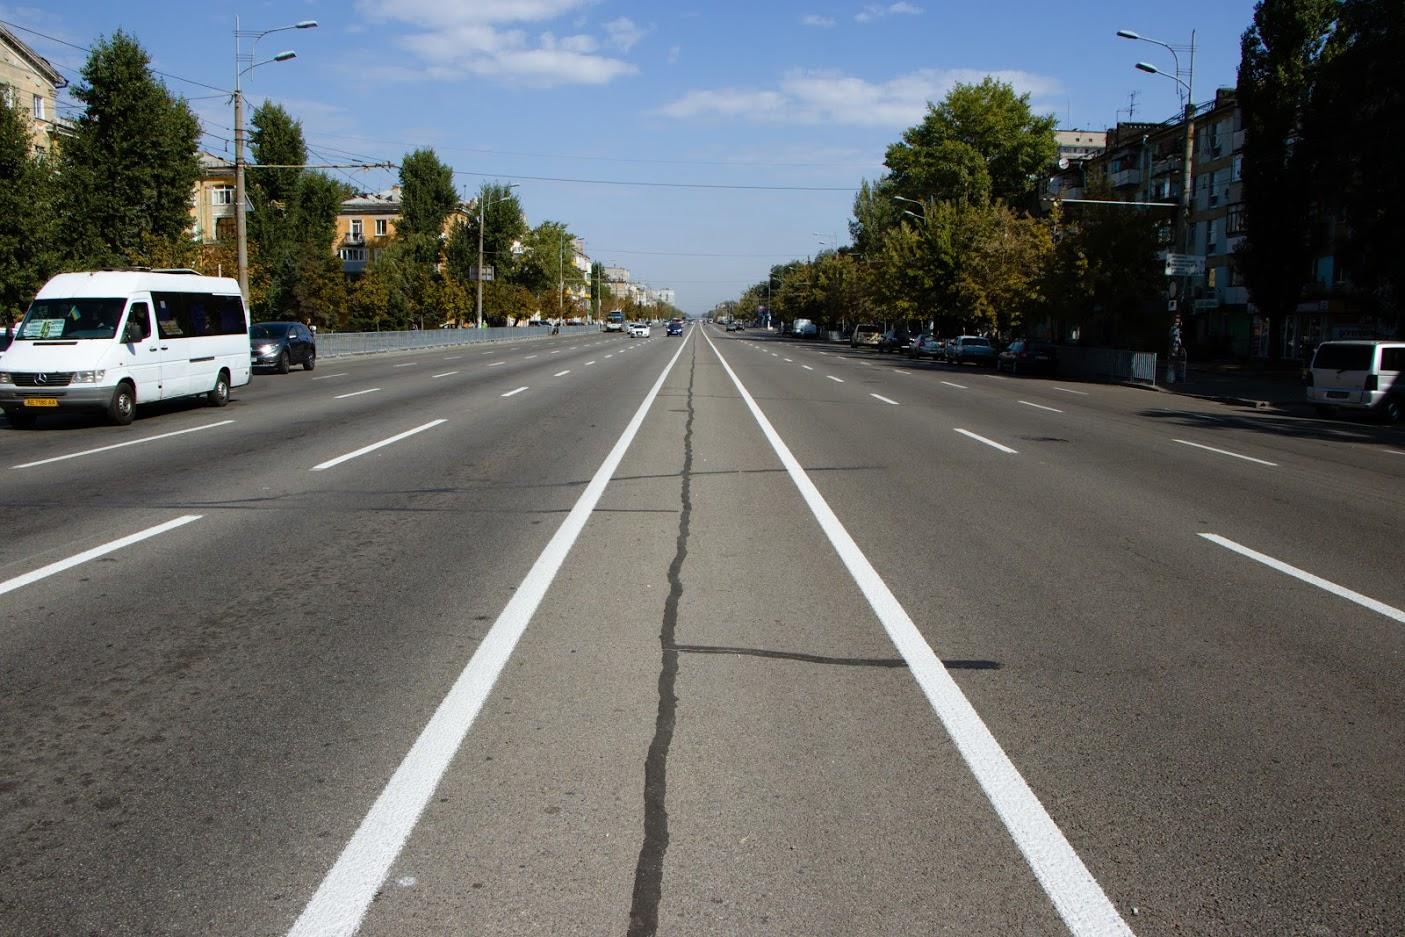 «Ночью может светится»: что известно о новой дорожной разметке в Днепре. Новости Днепра